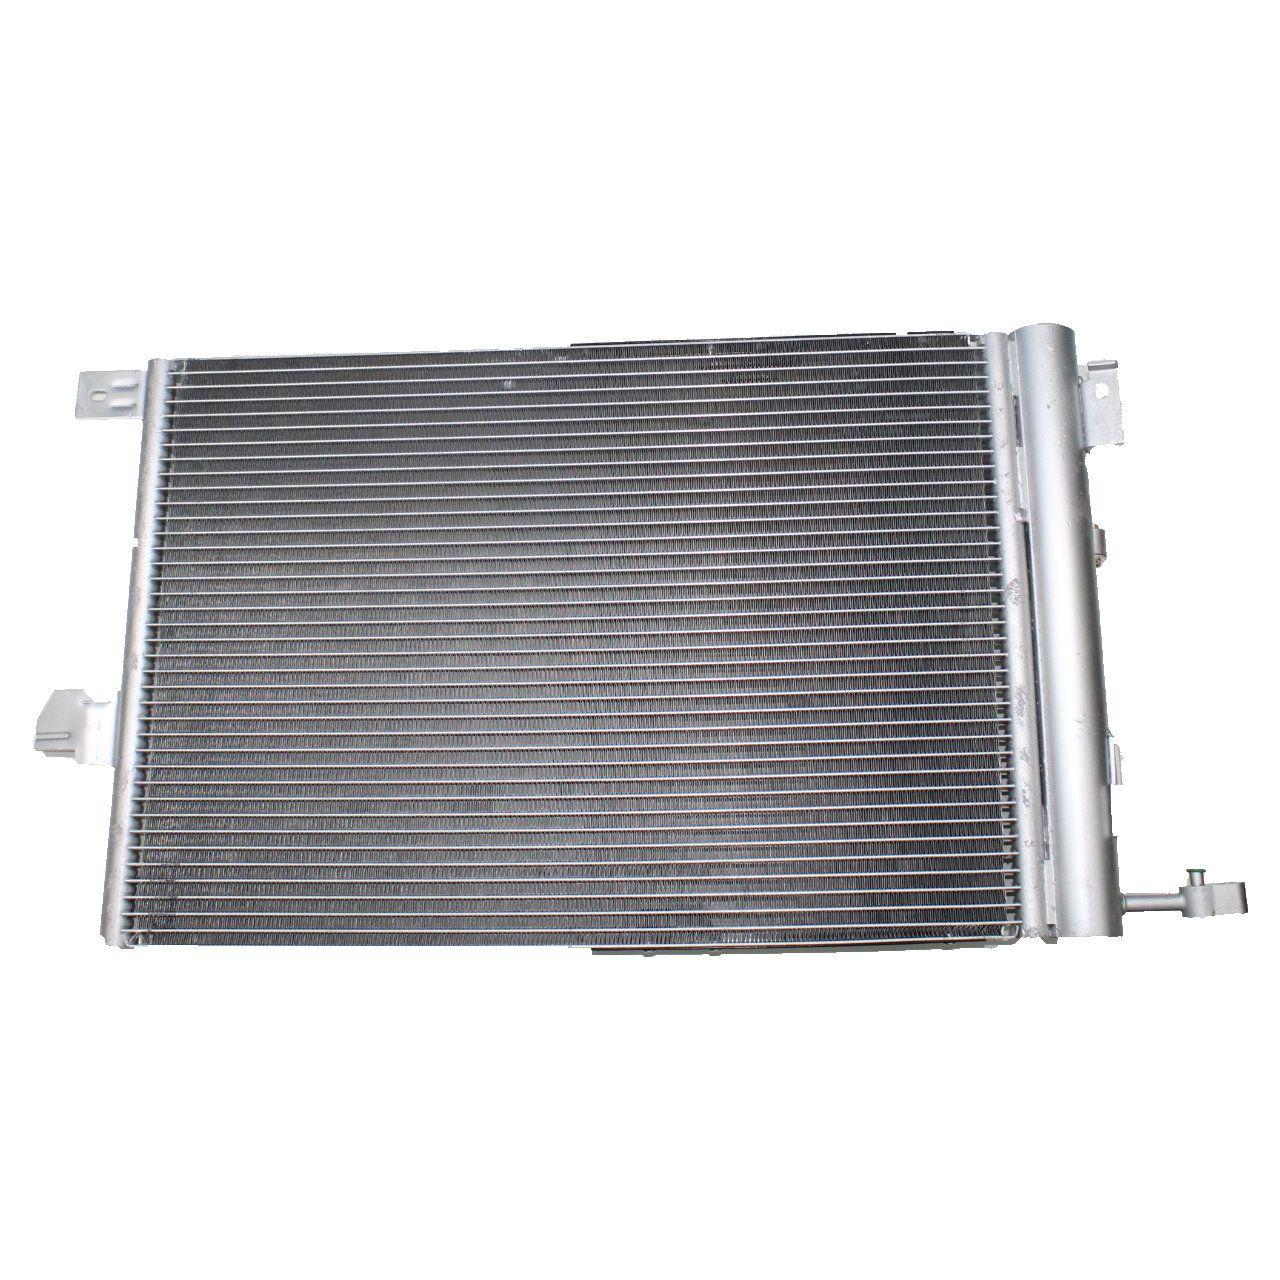 Condensador Ar Condicionado Astra, Vectra, Zafira